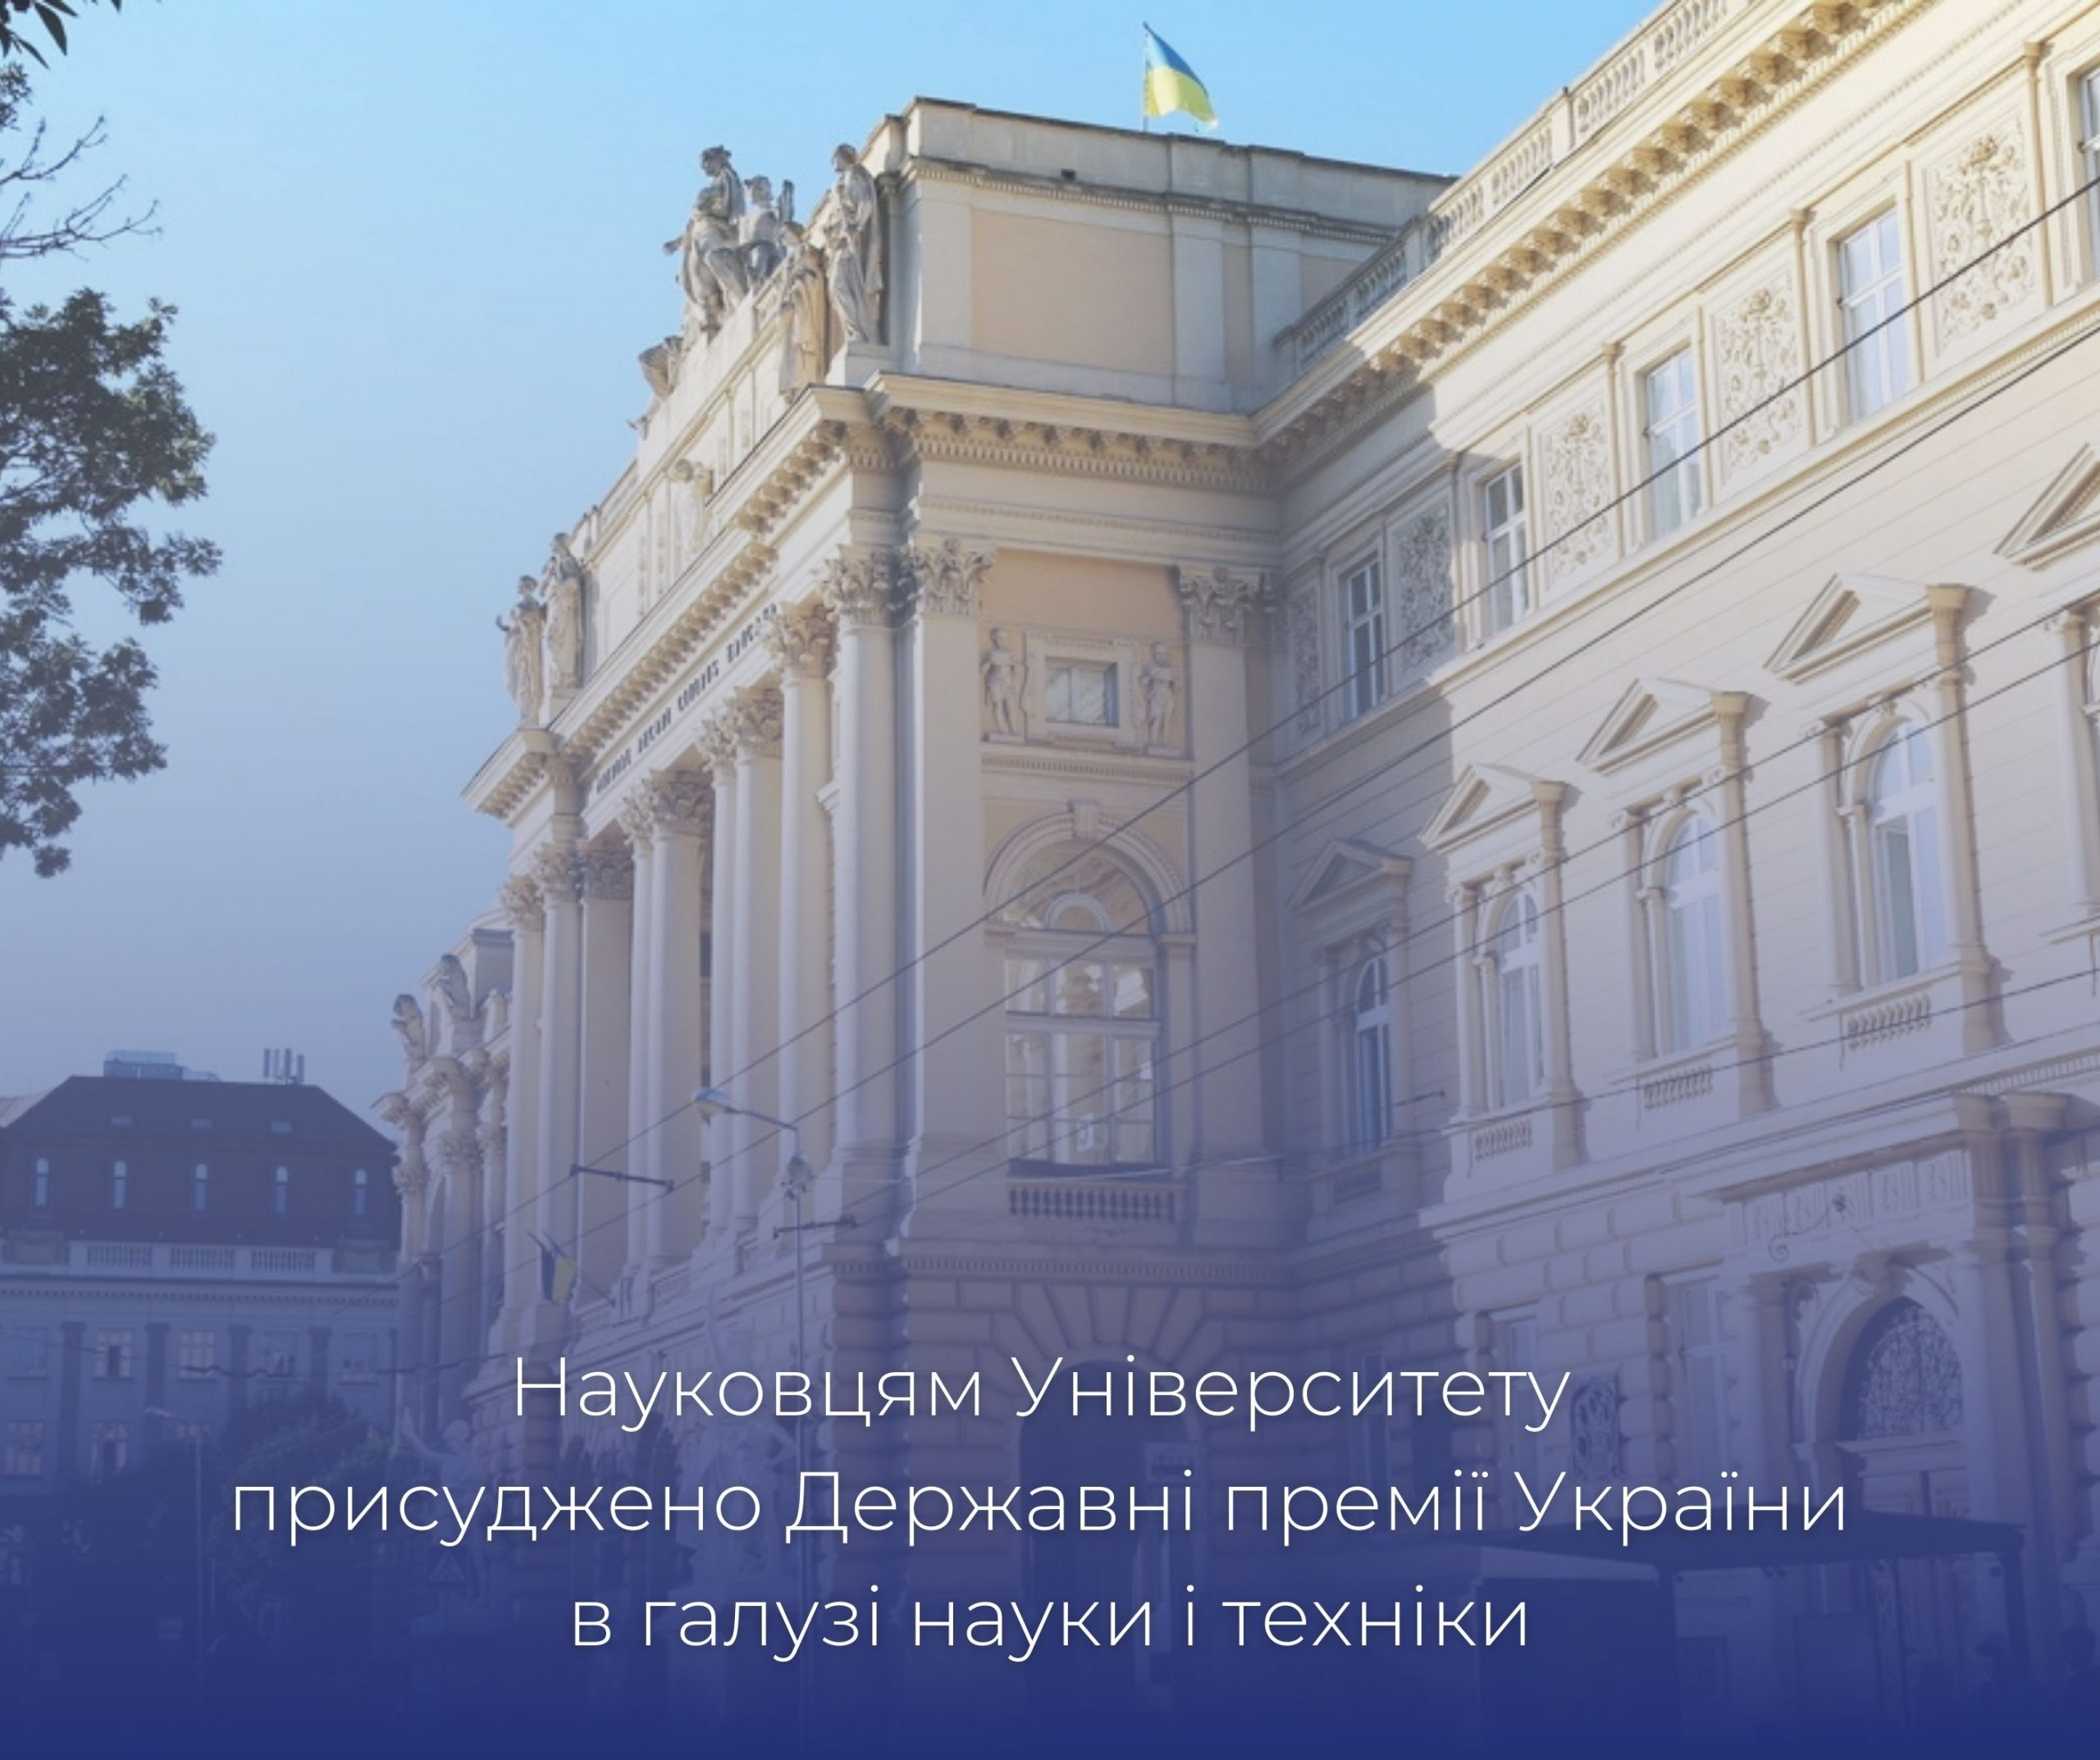 Науковцям Університету присуджено Державні премії України в галузі науки і техніки